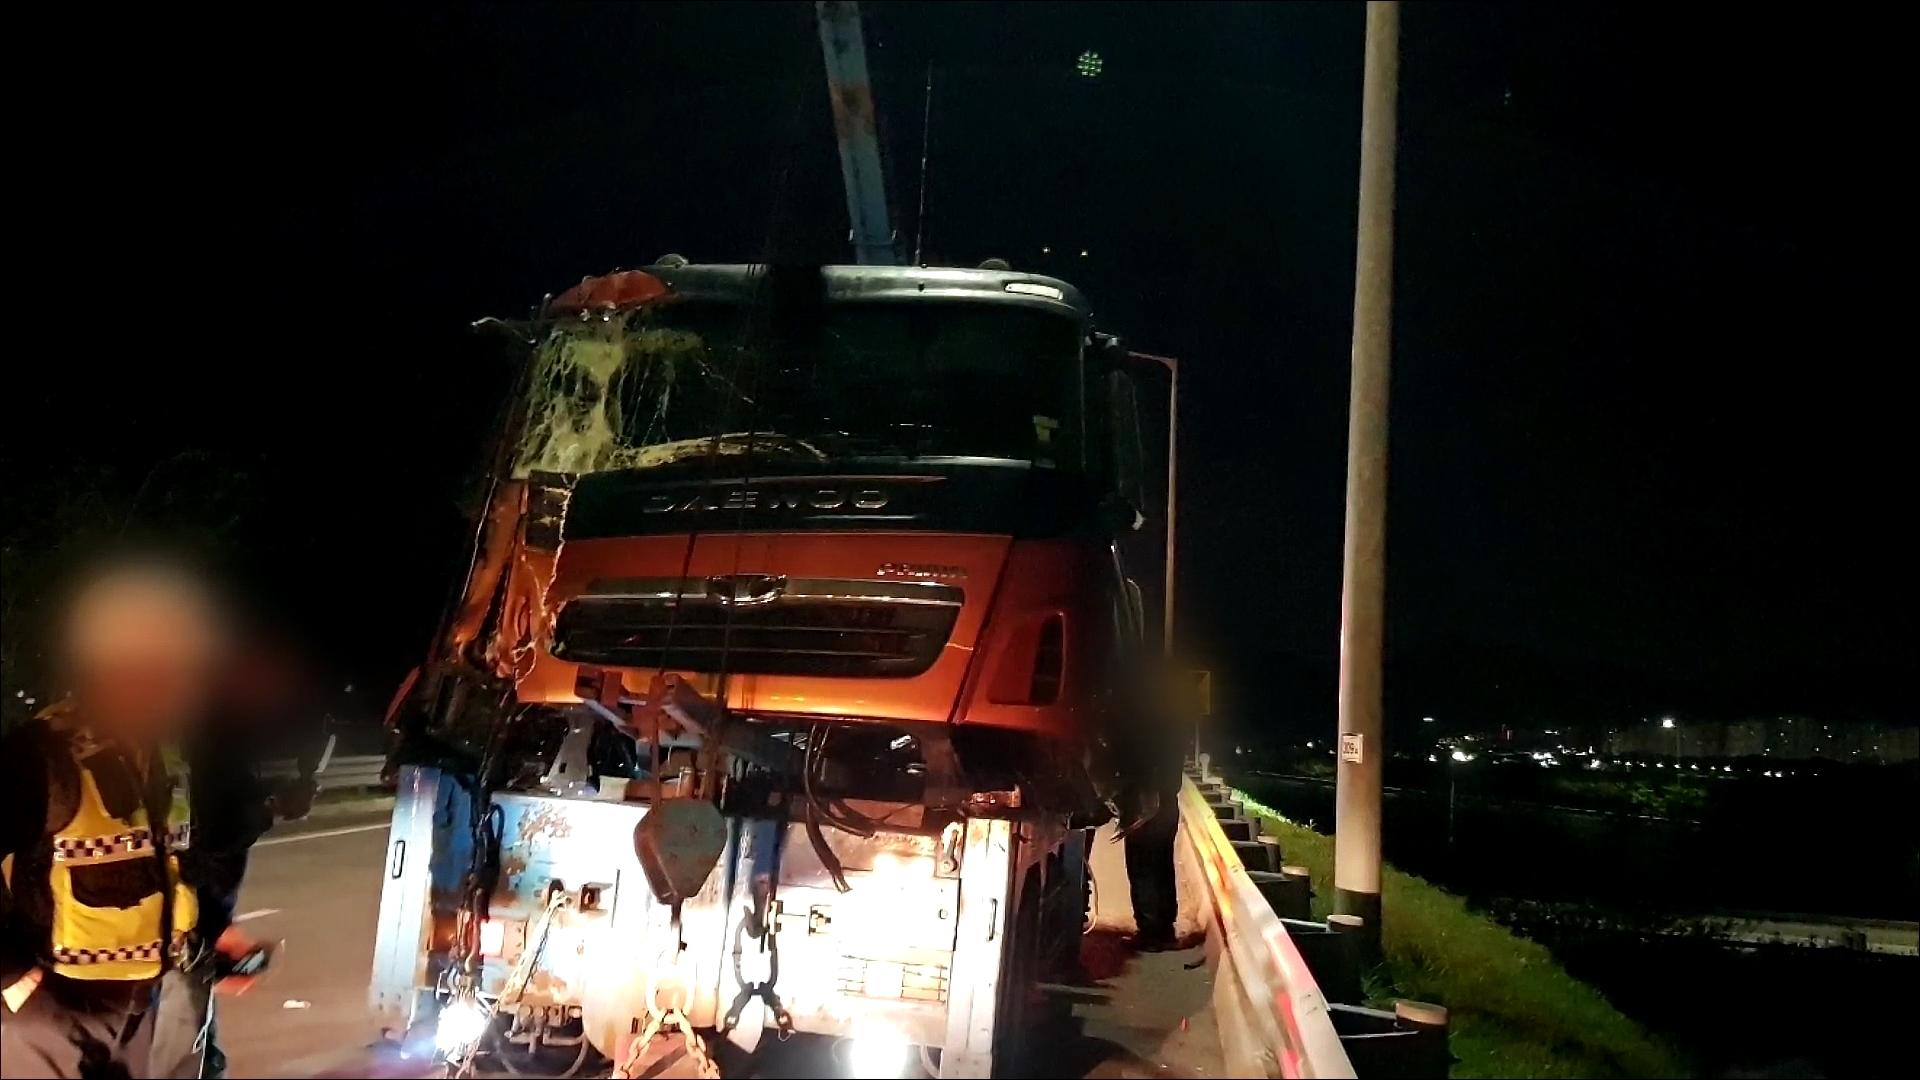 중부내륙고속도로 현풍 IC 인근서 25톤 화물차, 5톤 화물차와 추돌